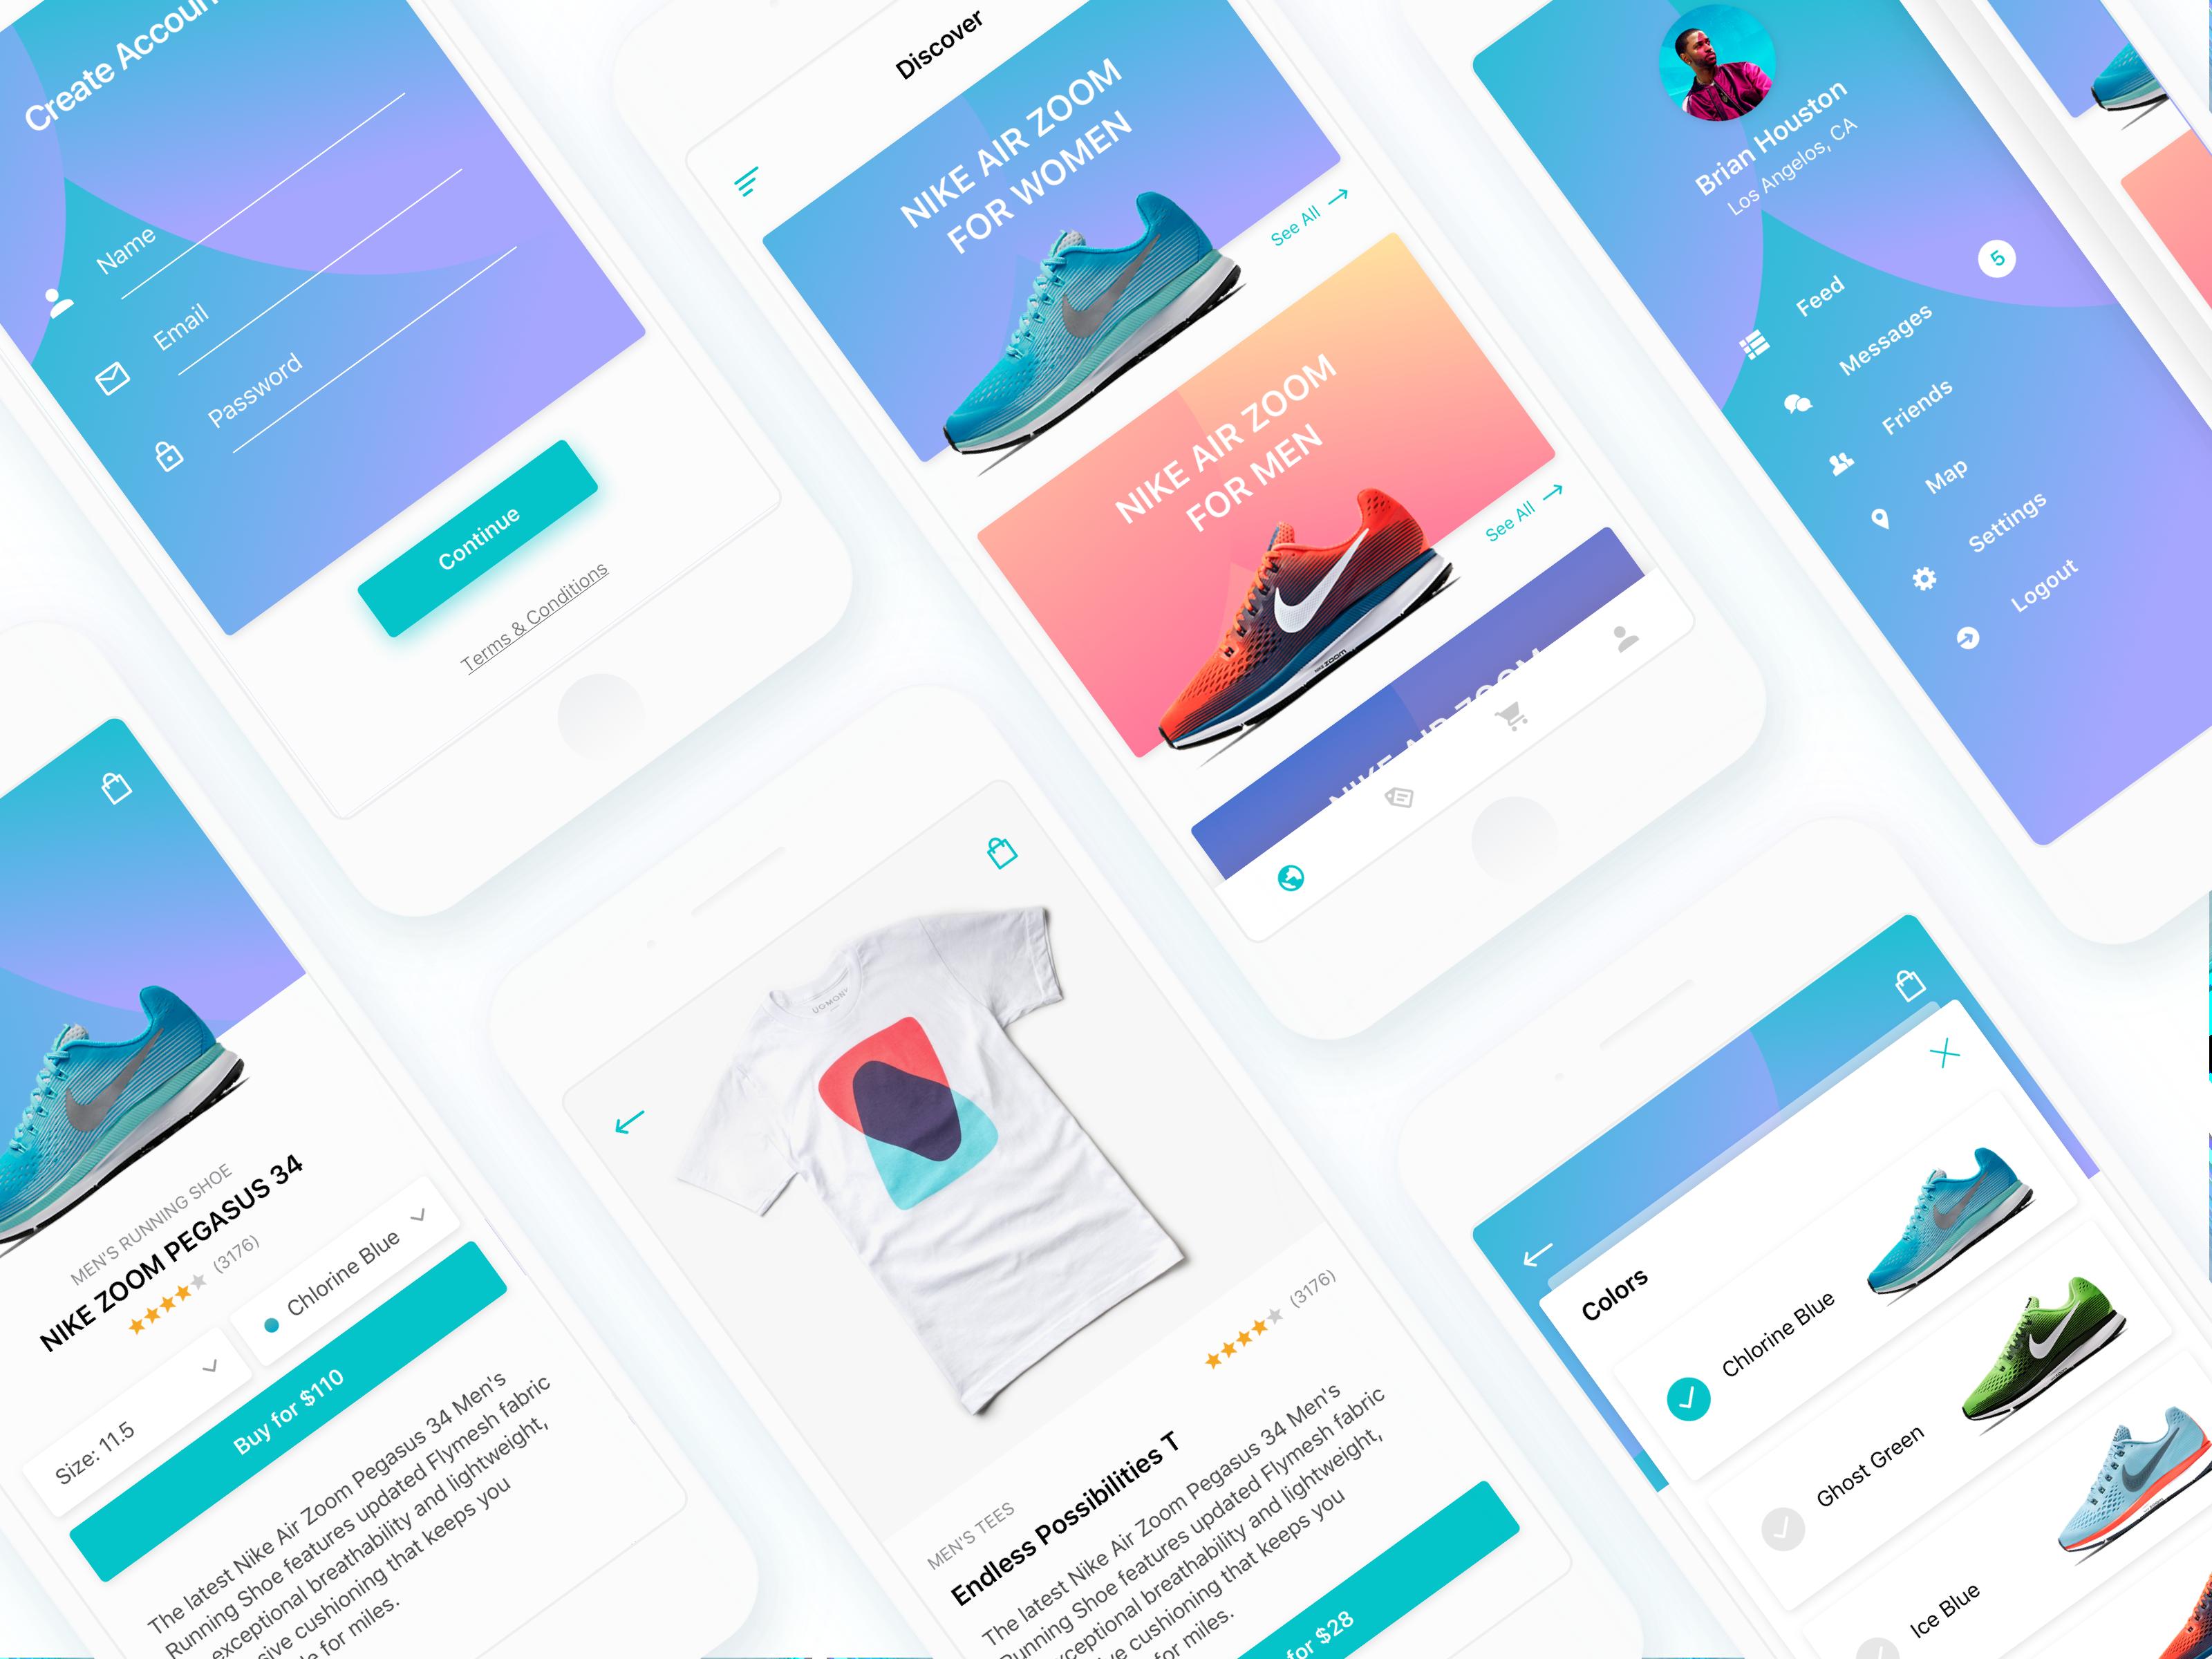 Semas / Projects / Maui iOS UI Kit   Dribbble